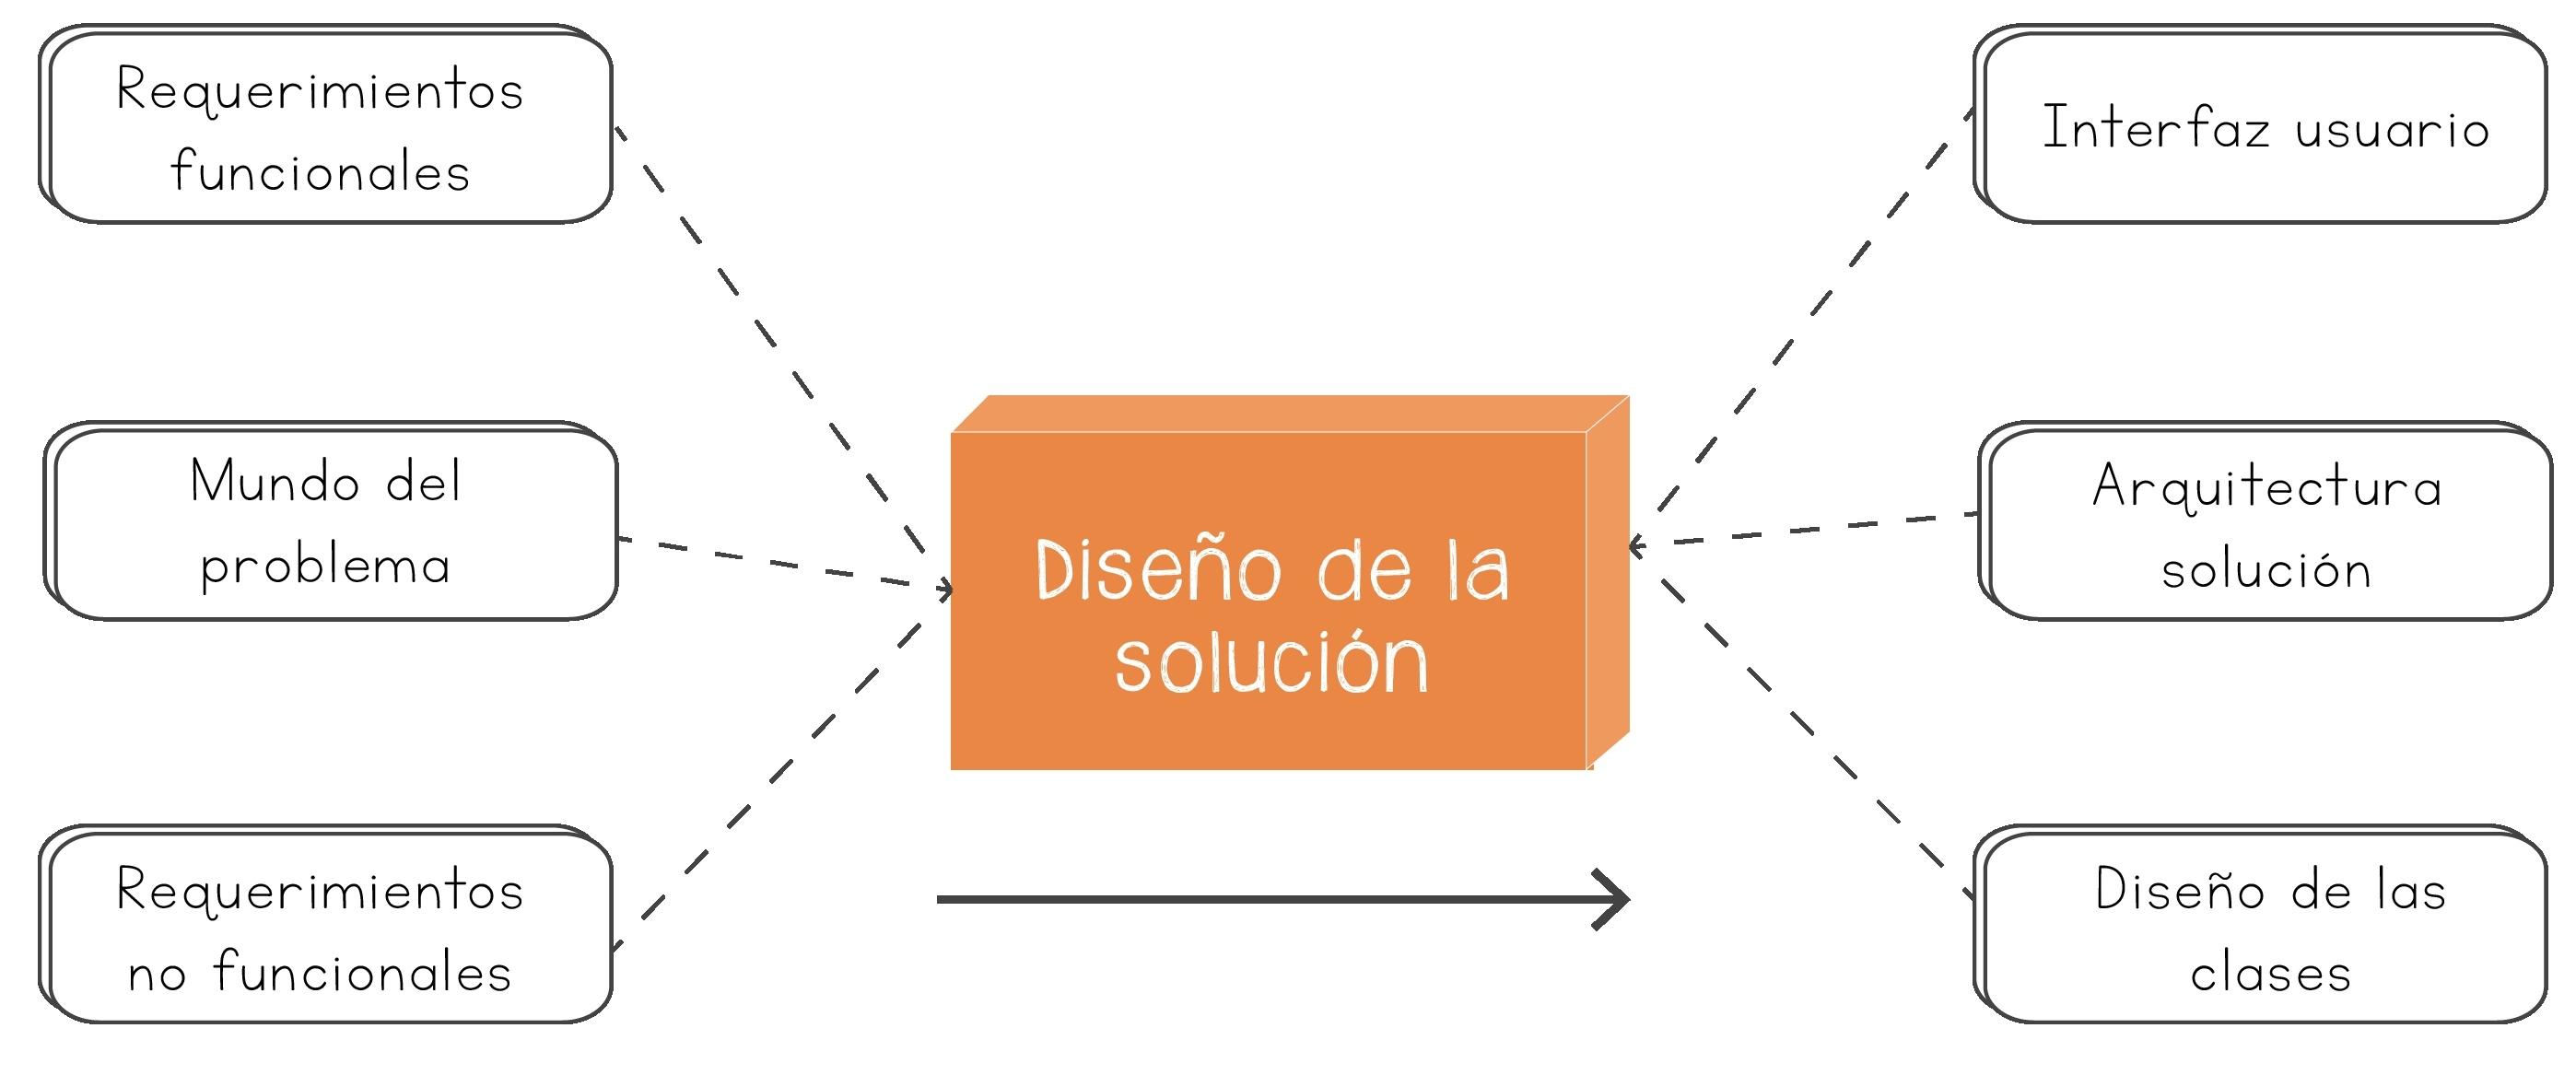 Dise o de la soluci n fundamentos de programaci n for Cual es el significado de arquitectura